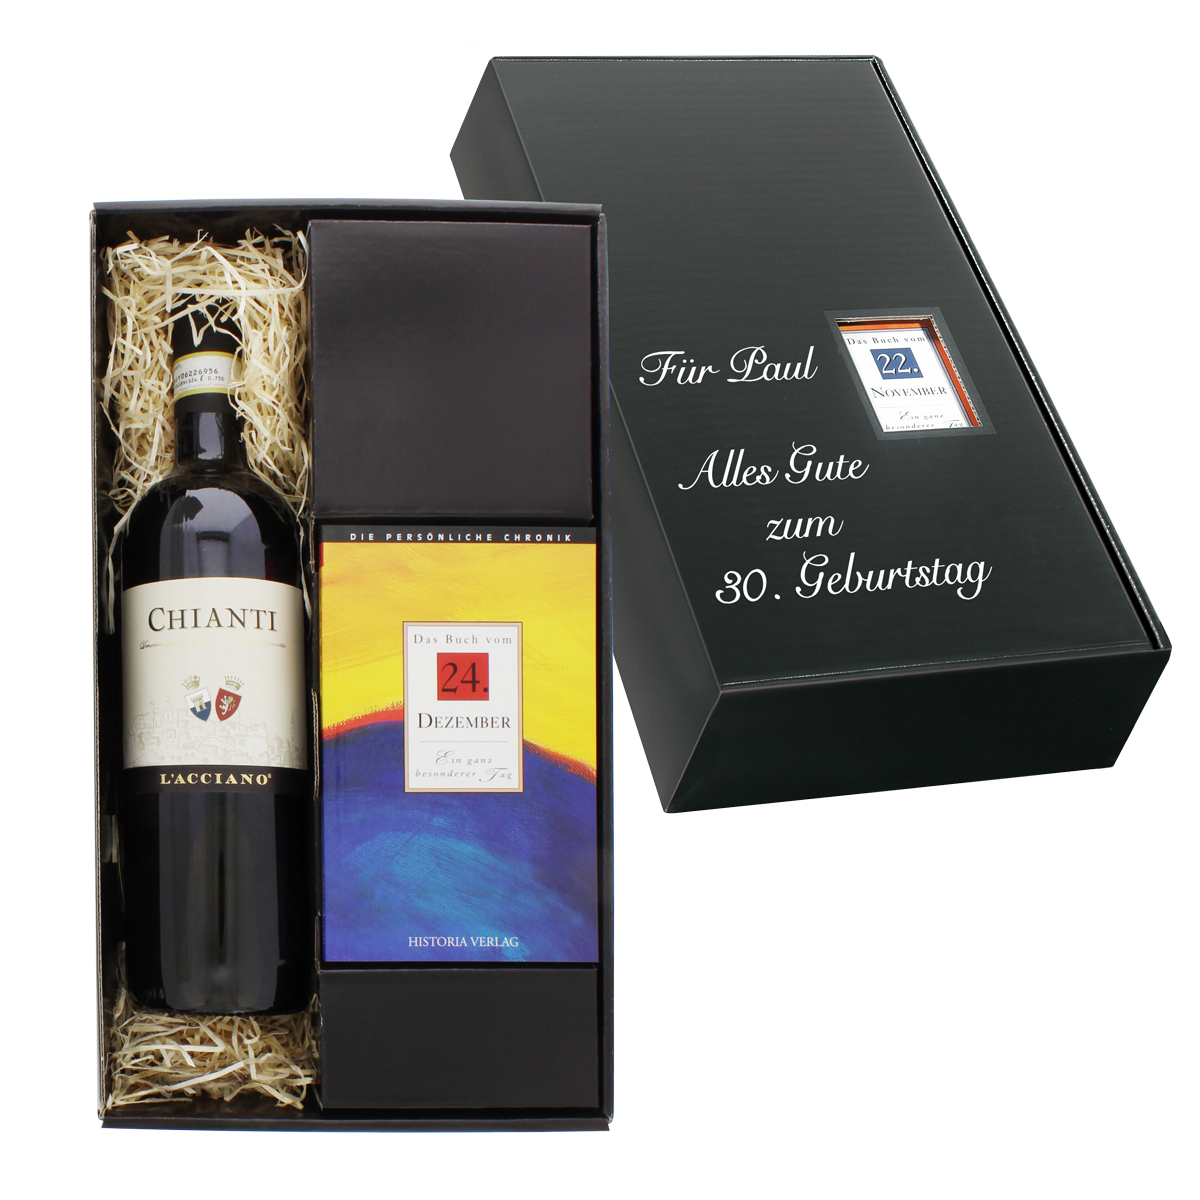 Italien-Set: Tageschronik vom 11. September & Chianti-Wein